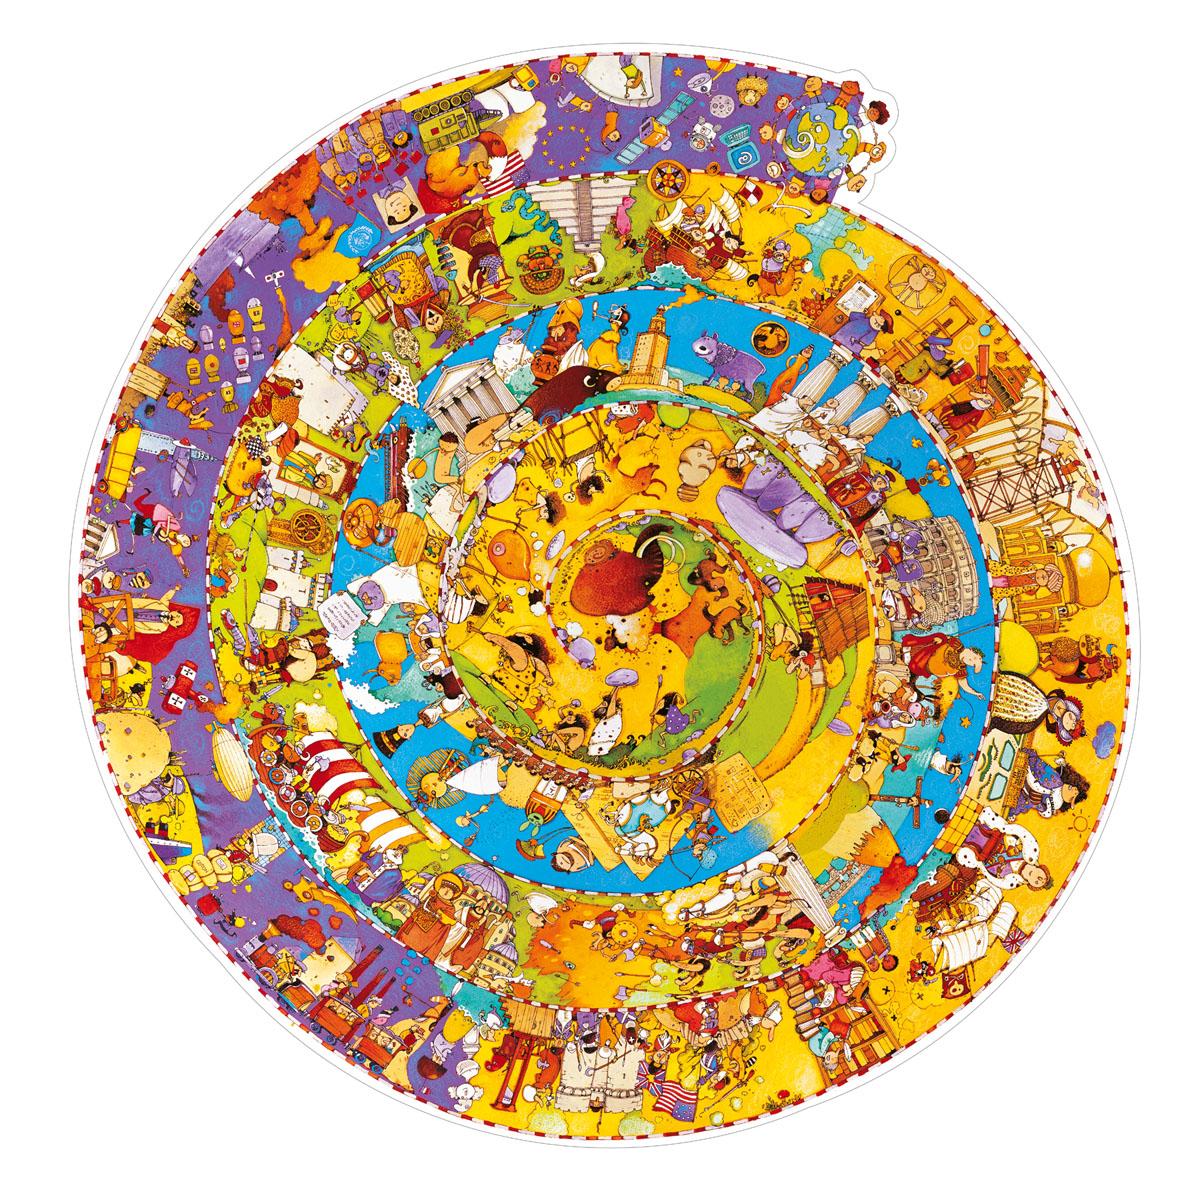 Djeco Пазл для малышей История07470Пазл на наблюдательность «История» - чудесная красочная головоломка, состоящая 350 деталей, способствующая знакомству малыша с мировой историей в форме увлекательного процесса складывания и развития ряда полезных качеств и навыков: внимания, наблюдательности, терпения, мелкой моторики рук, сообразительности. Пазл, оформленный в виде спирали, по мере складывания, будет открывать деткам все новые захватывающие исторические факты. Картинку можно складывать постепенно, небольшими порциями осваивая новую информацию. Детали мозаики изготовлены из трехслойного картона превосходного качества. За счет высокой плотности они не деформируются, а благодаря своим размерам становятся удобными для маленьких детских ручек.